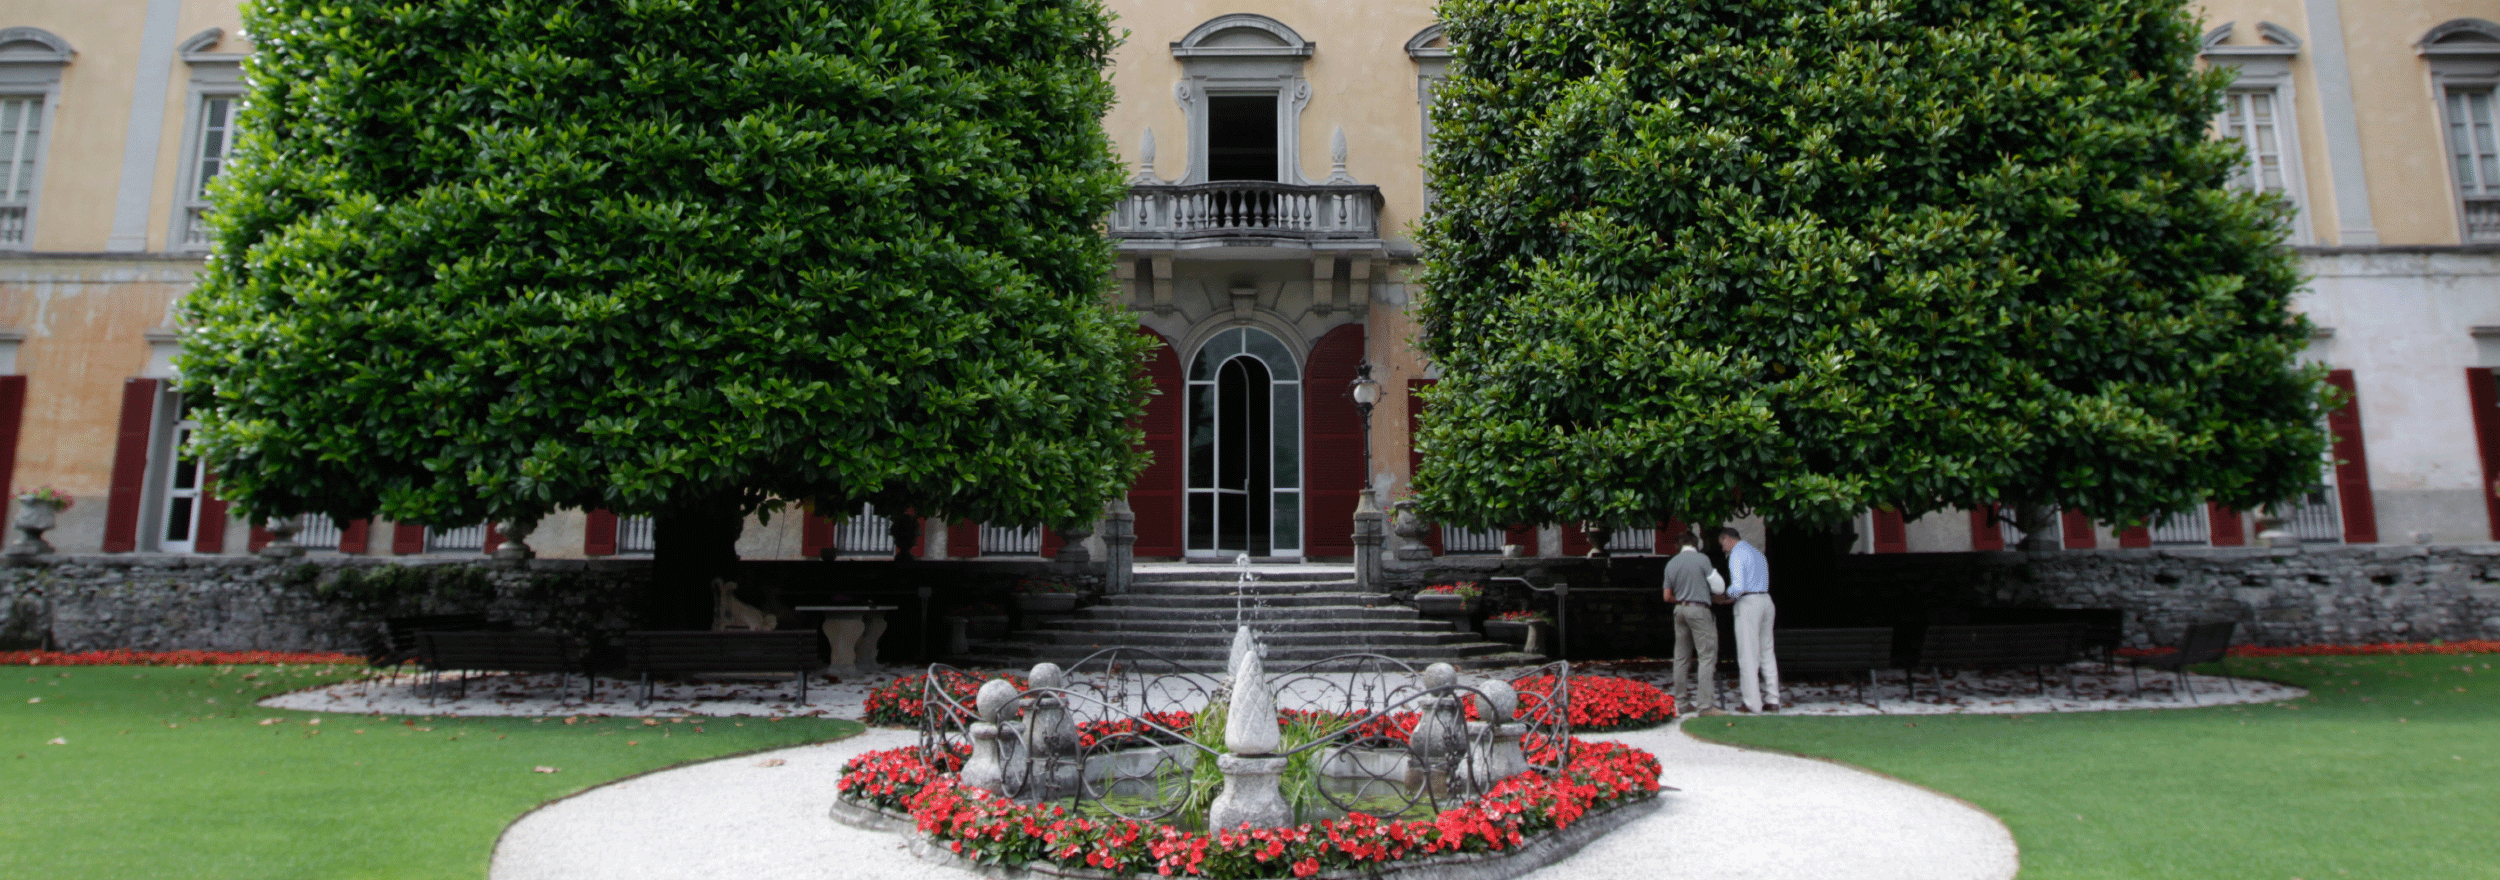 Castello-di-Urio2